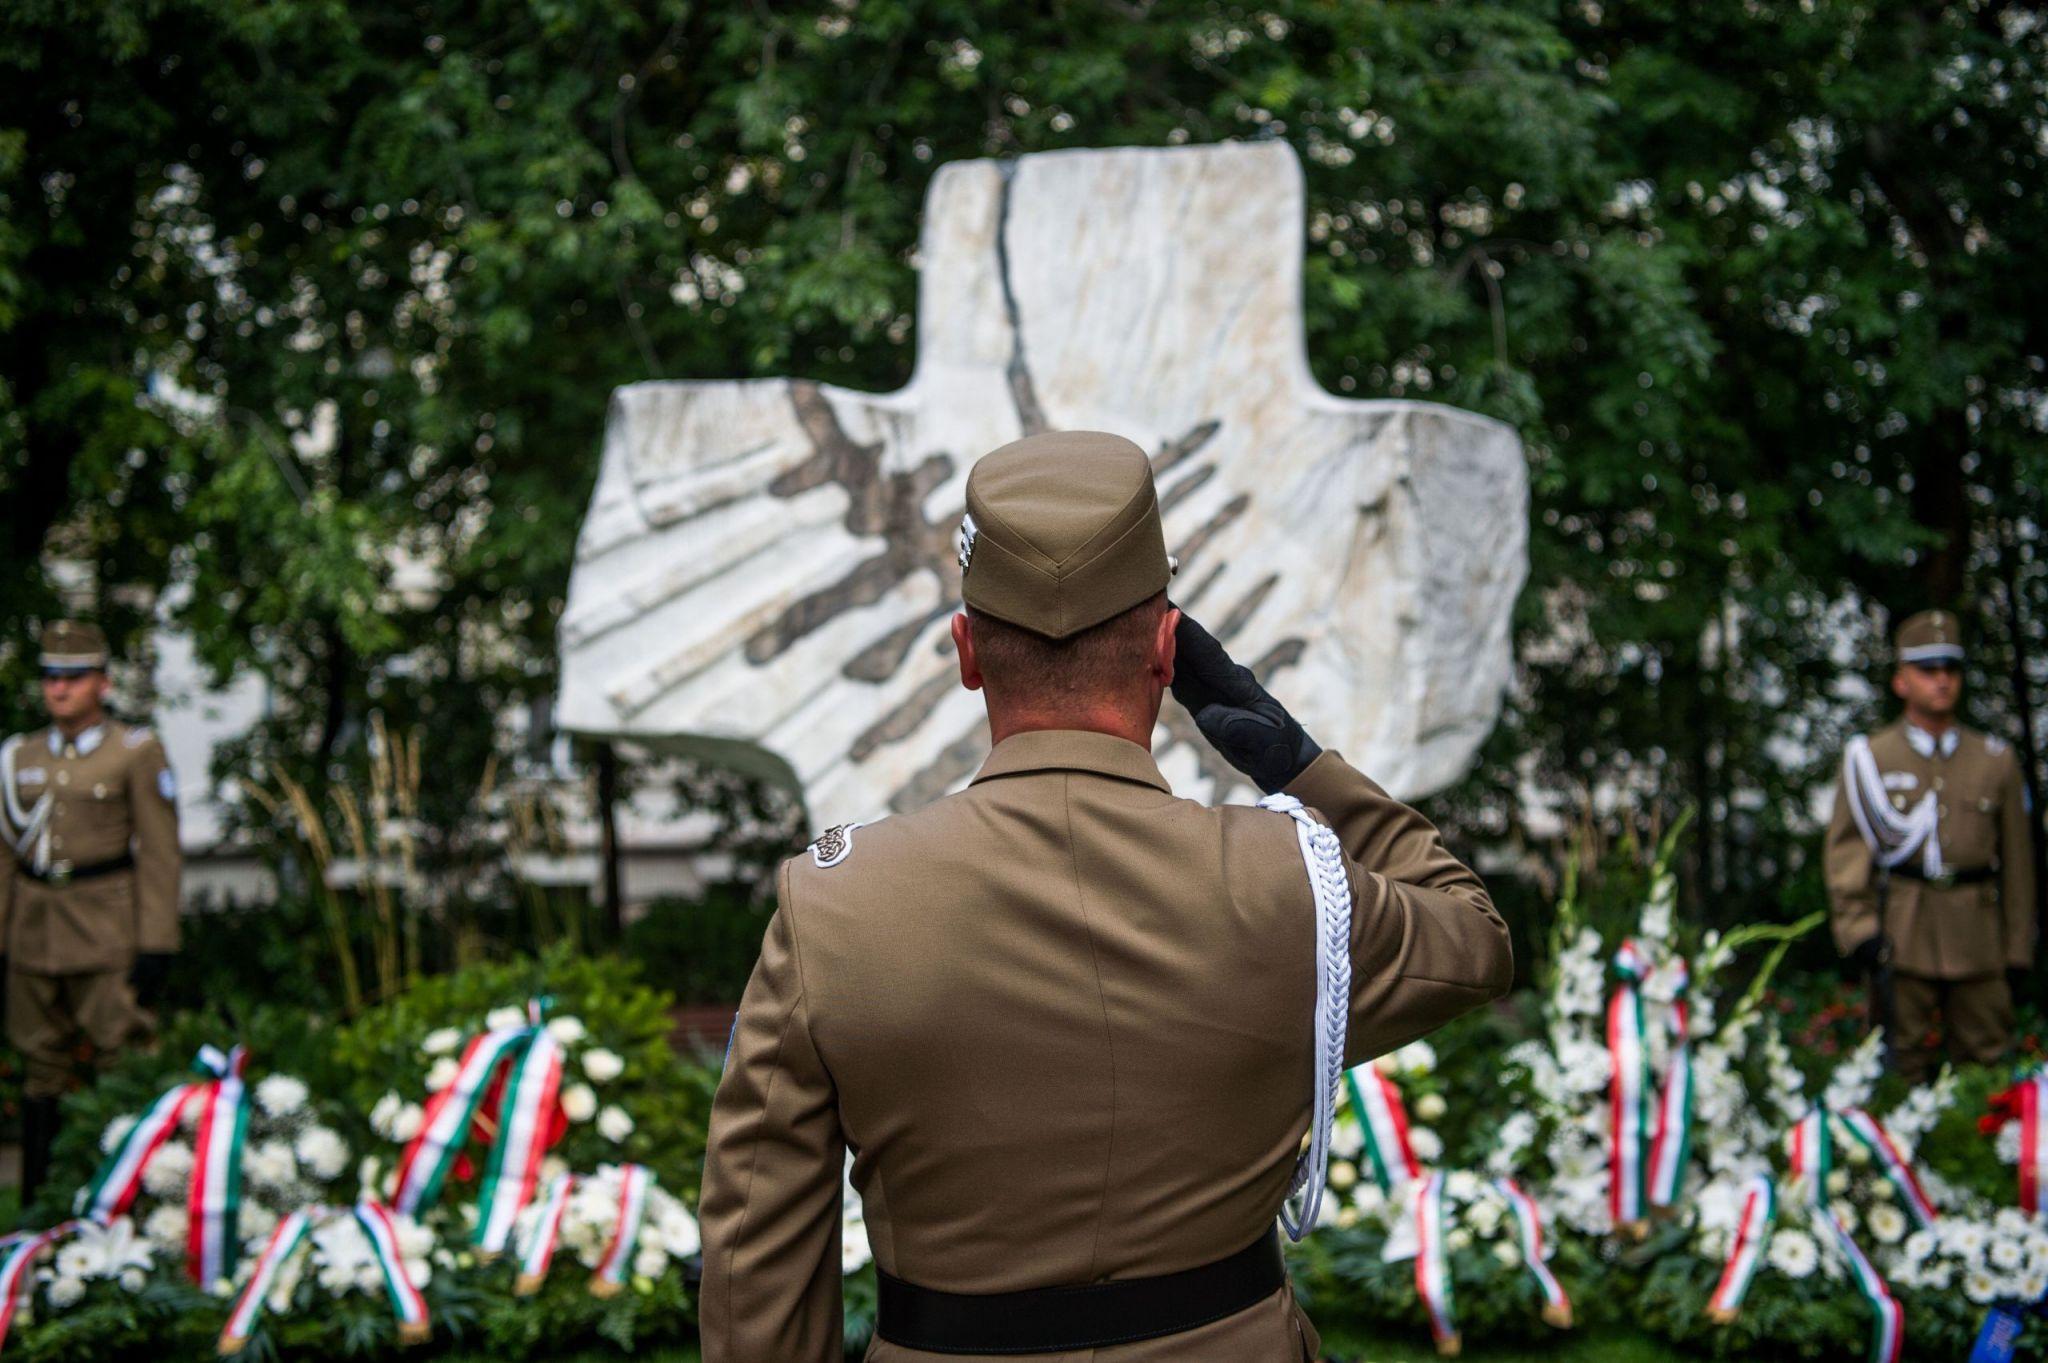 Megemlékeztek a totalitárius diktatúrák áldozatairól Budapesten